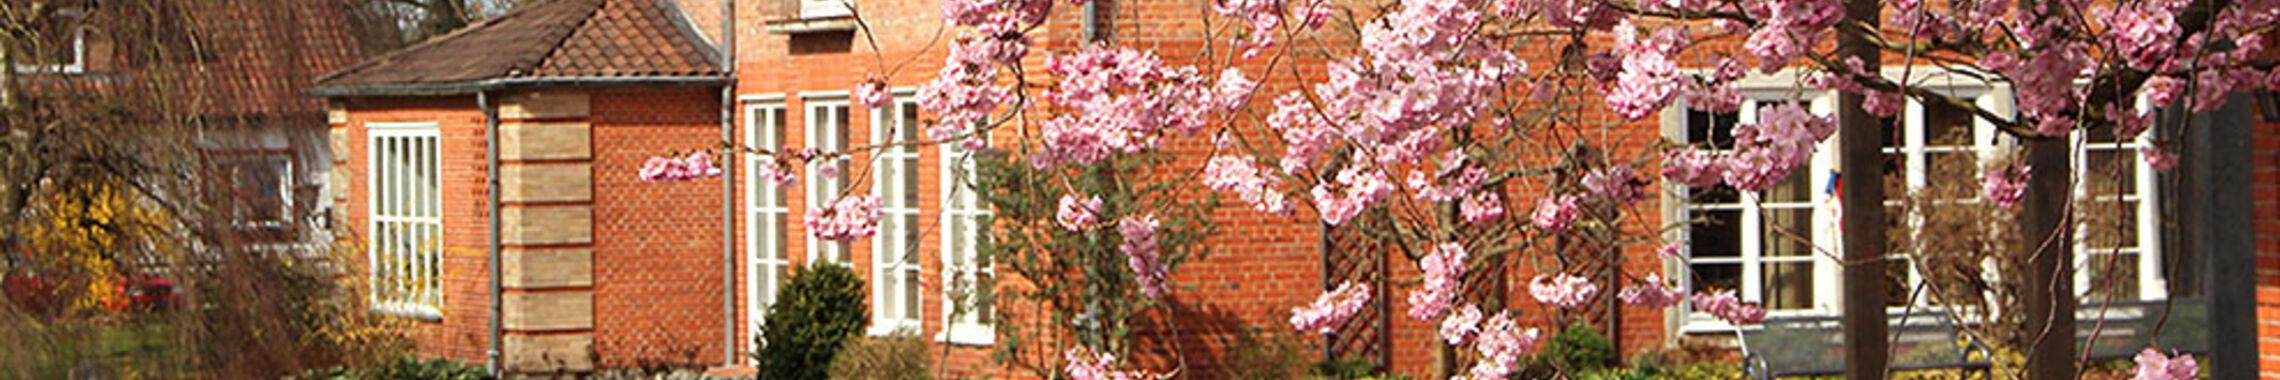 Kirschblüte mit Blick aufs Haupthaus